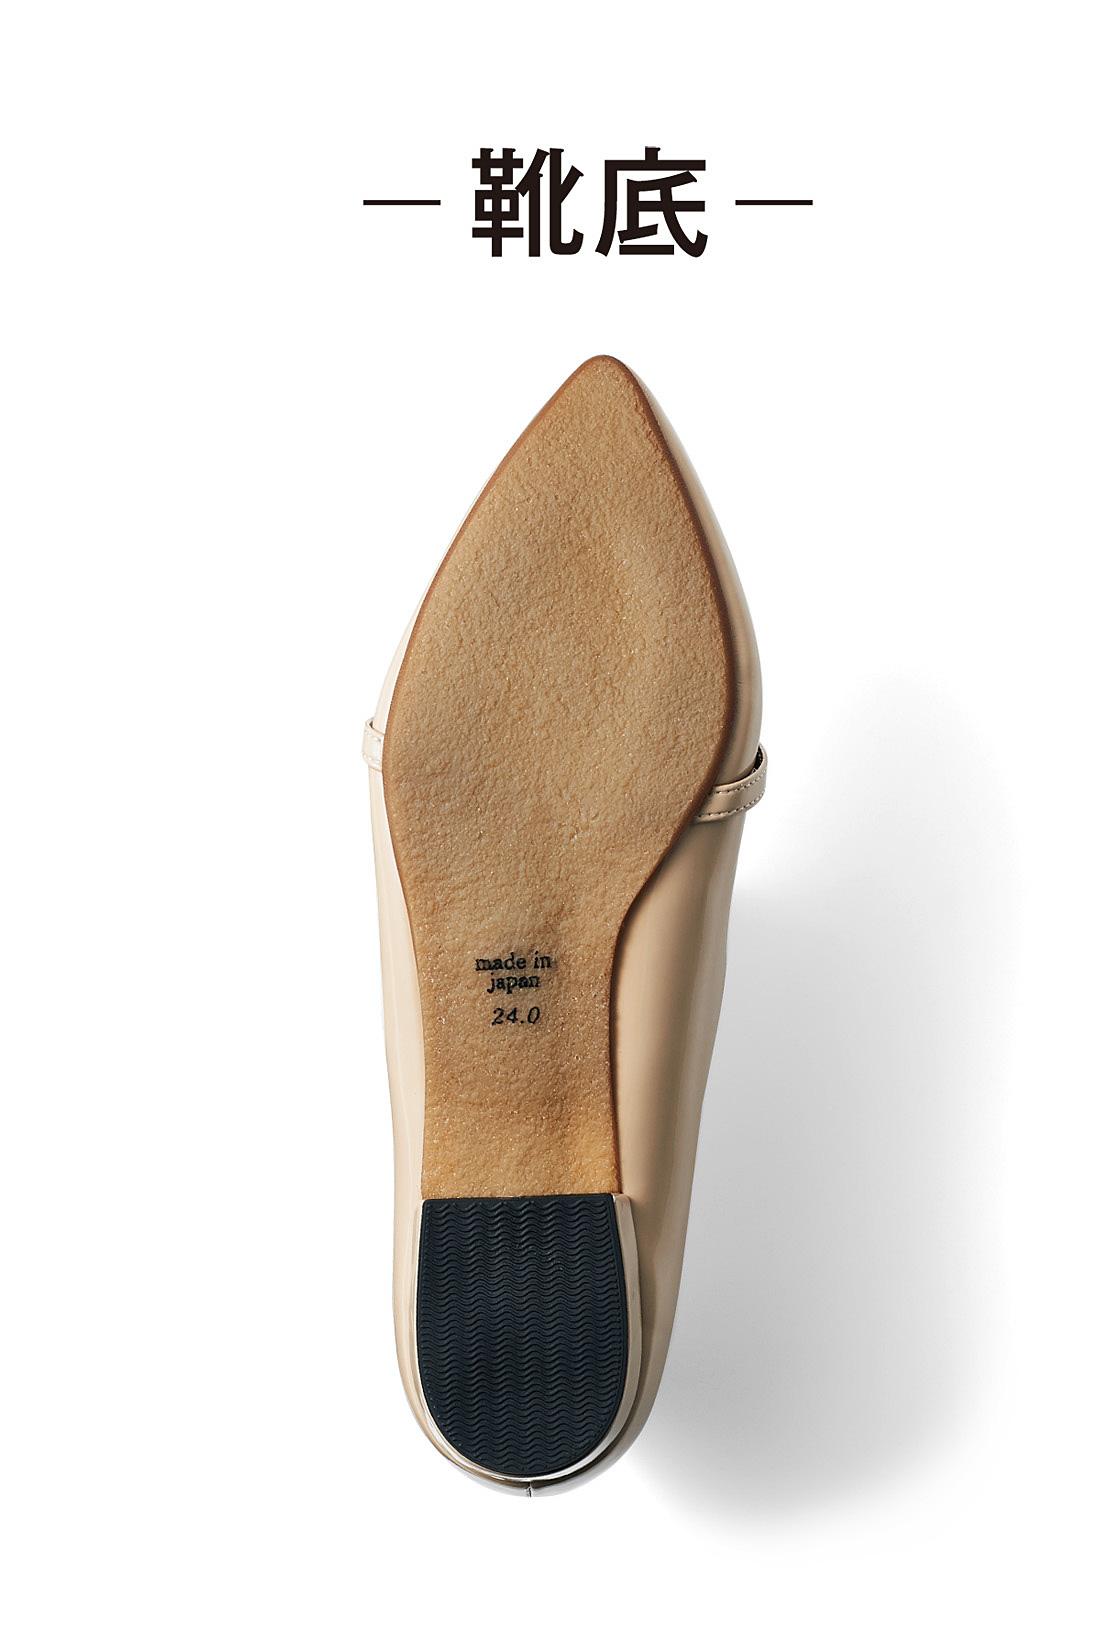 滑りにくい合成ゴムの靴底は歩きやすく、走れそうな快適さ。